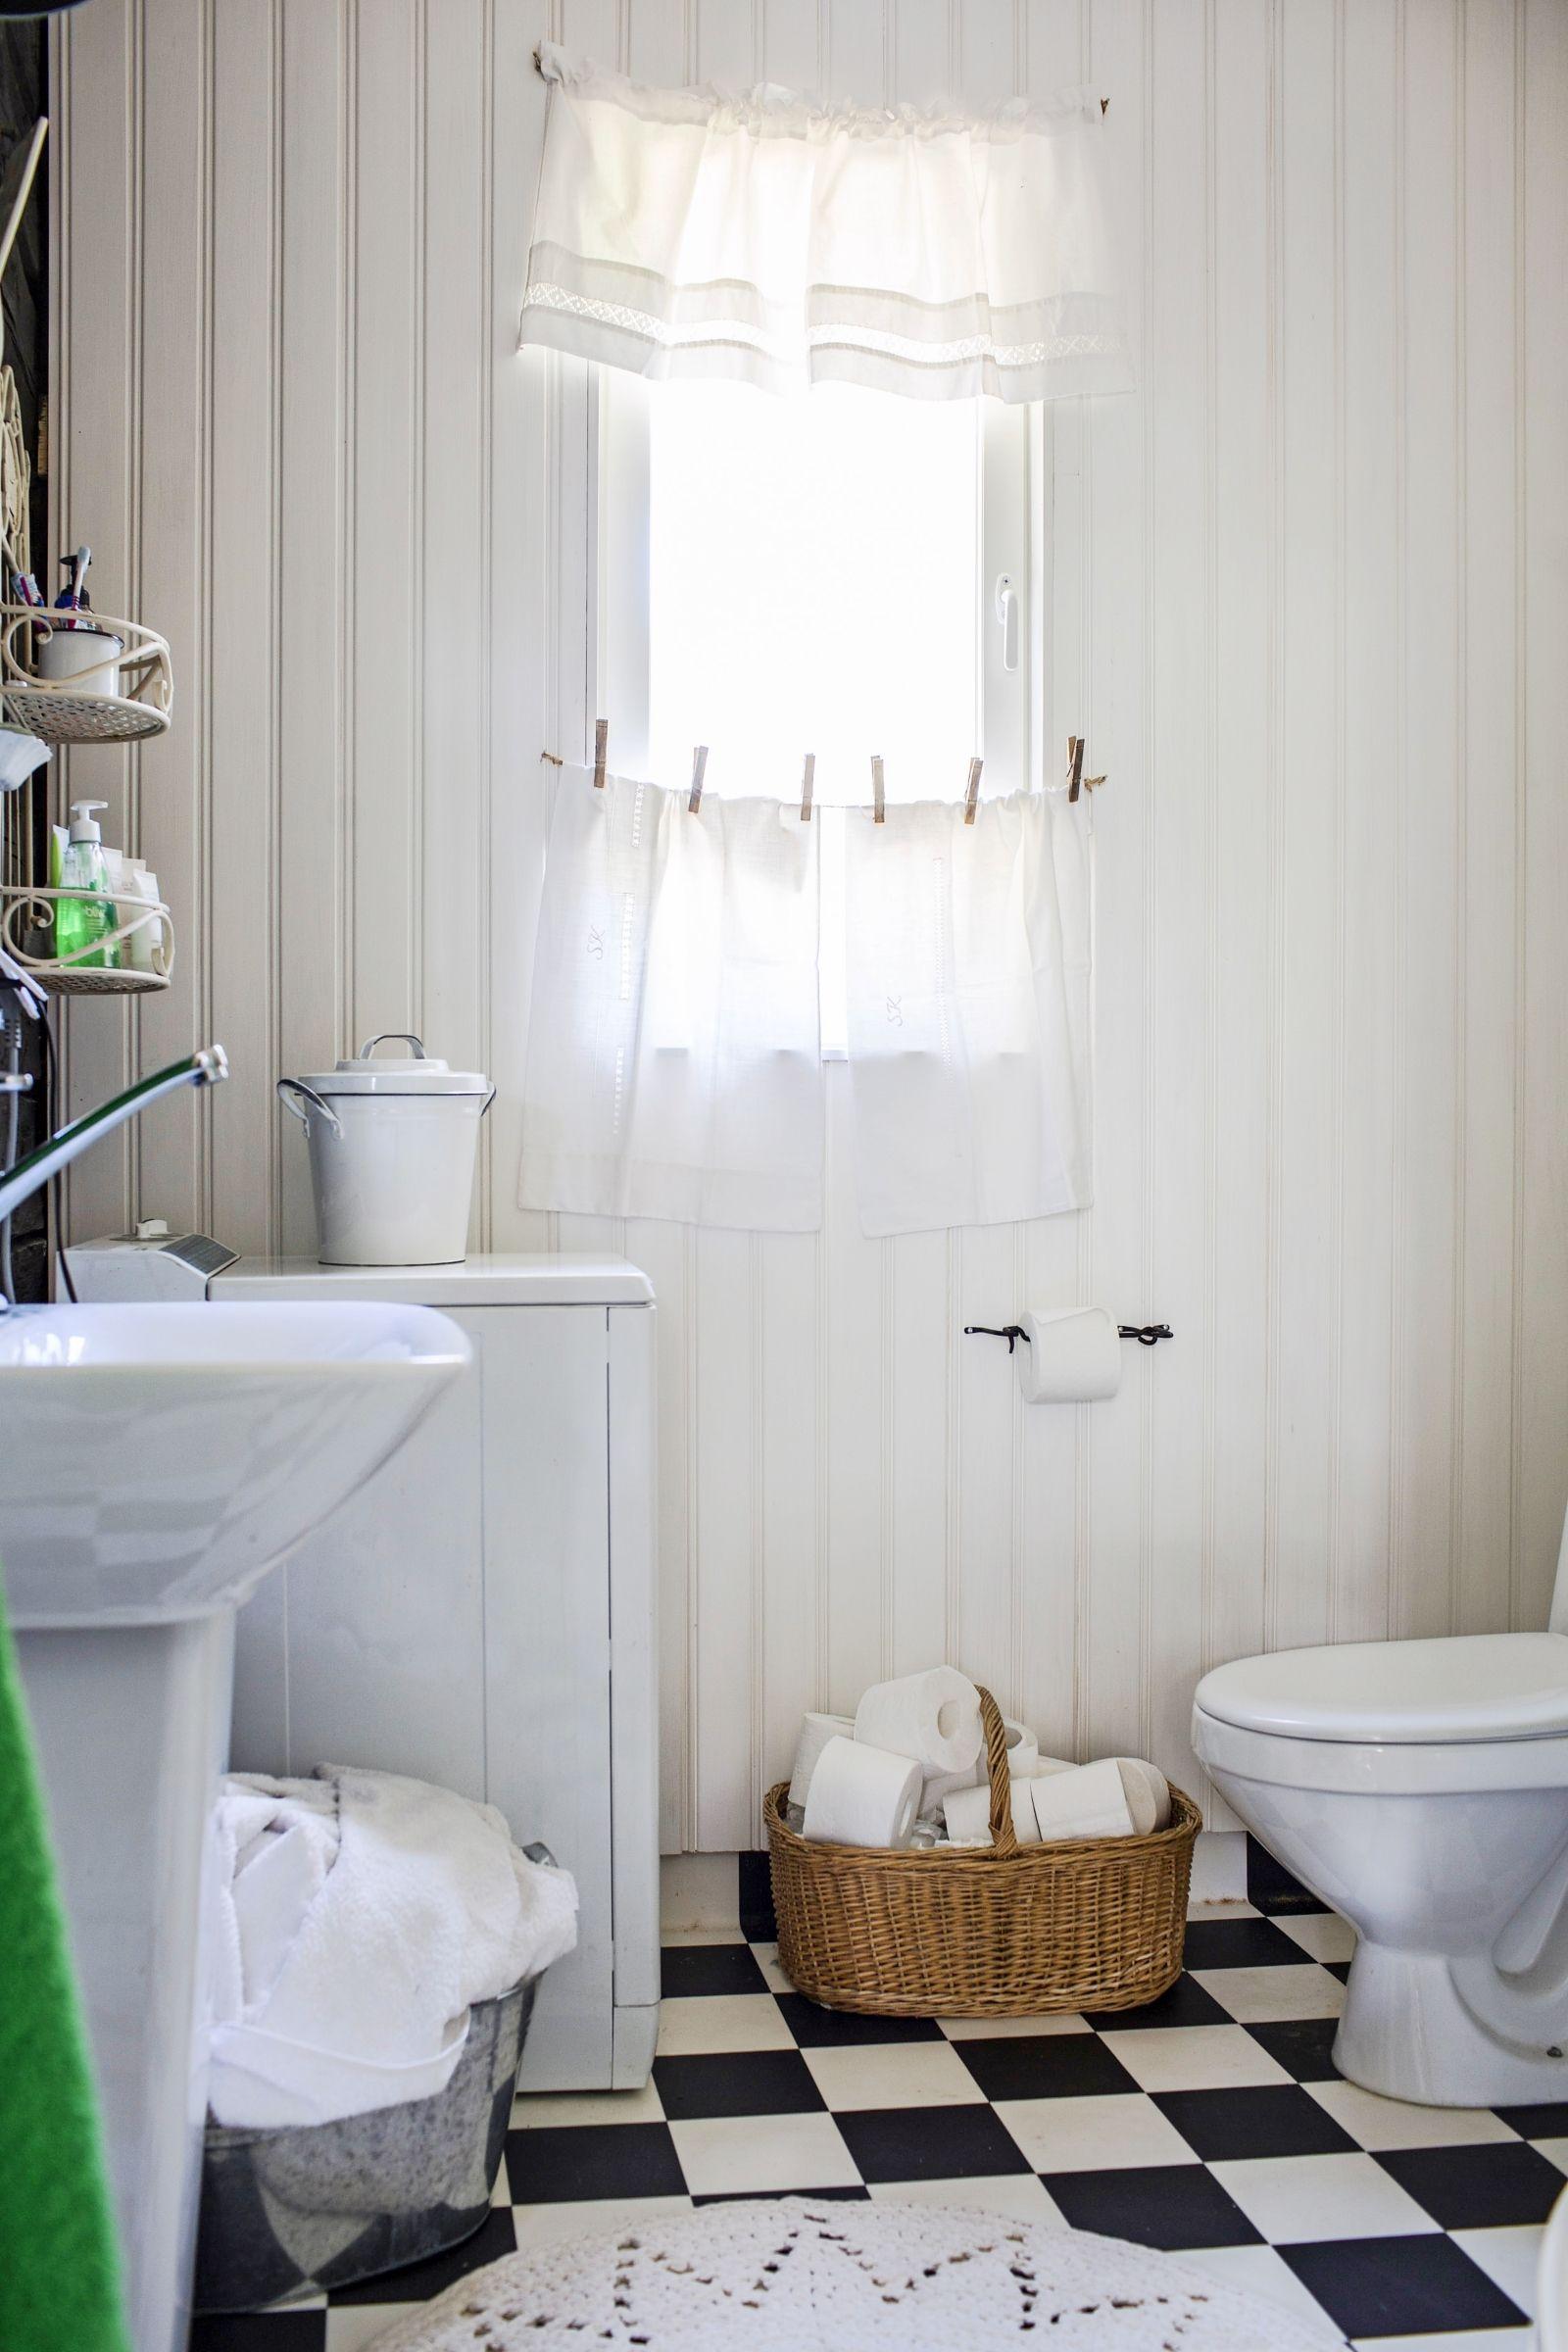 Vanhan hirsitalon ruutulattiainen vessa. Toilet in an old log villa ...